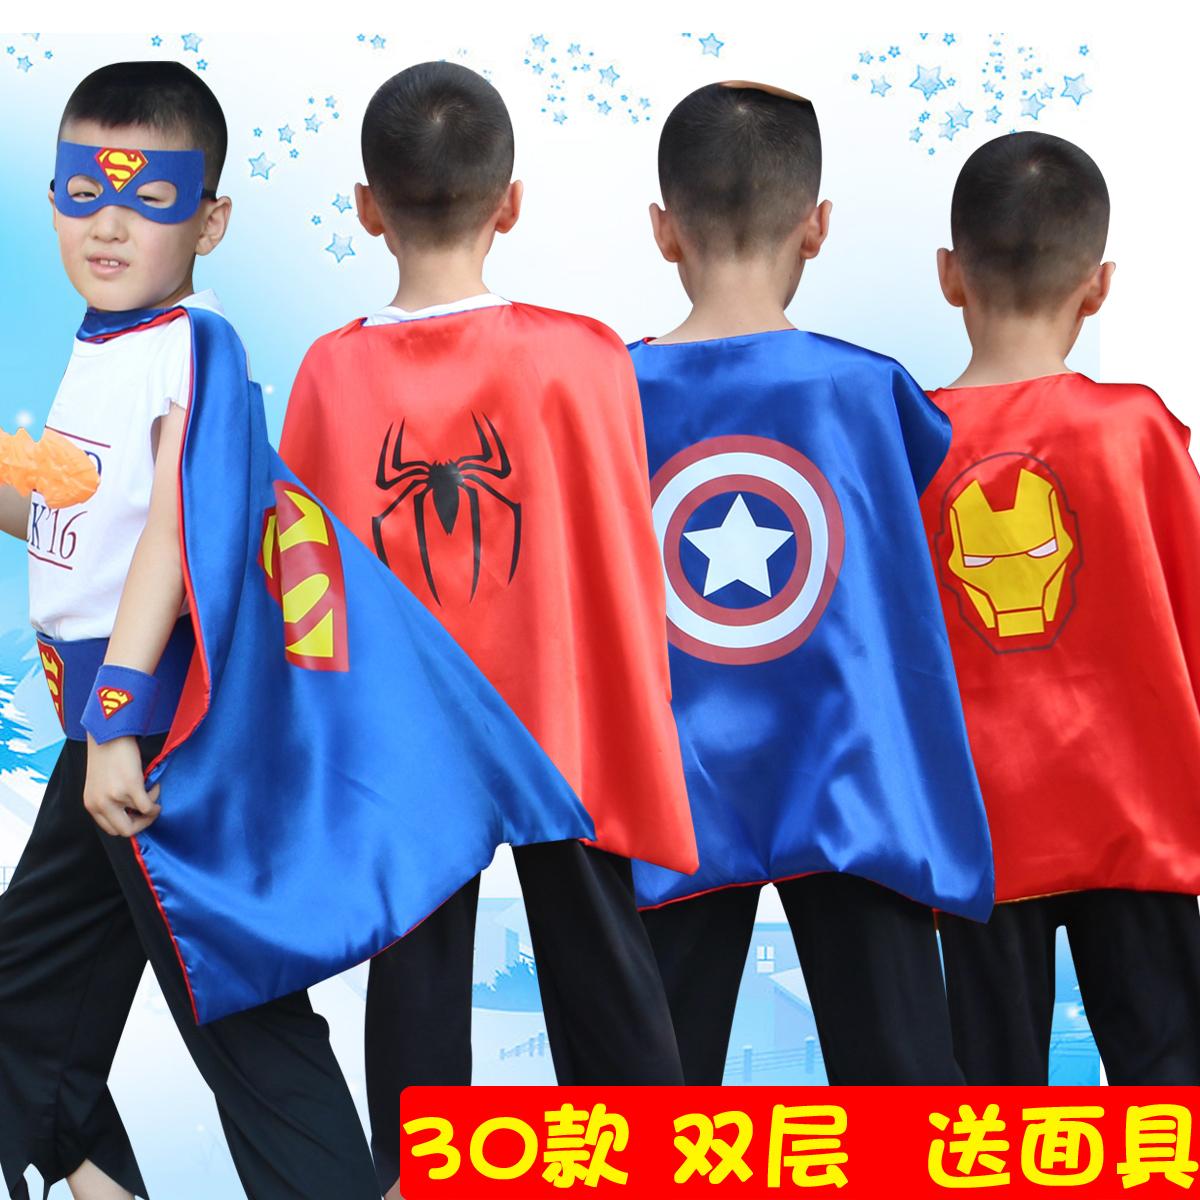 万圣节演出服美国超人队长装扮衣服蜘蛛大侠斗篷动漫英雄战士披风